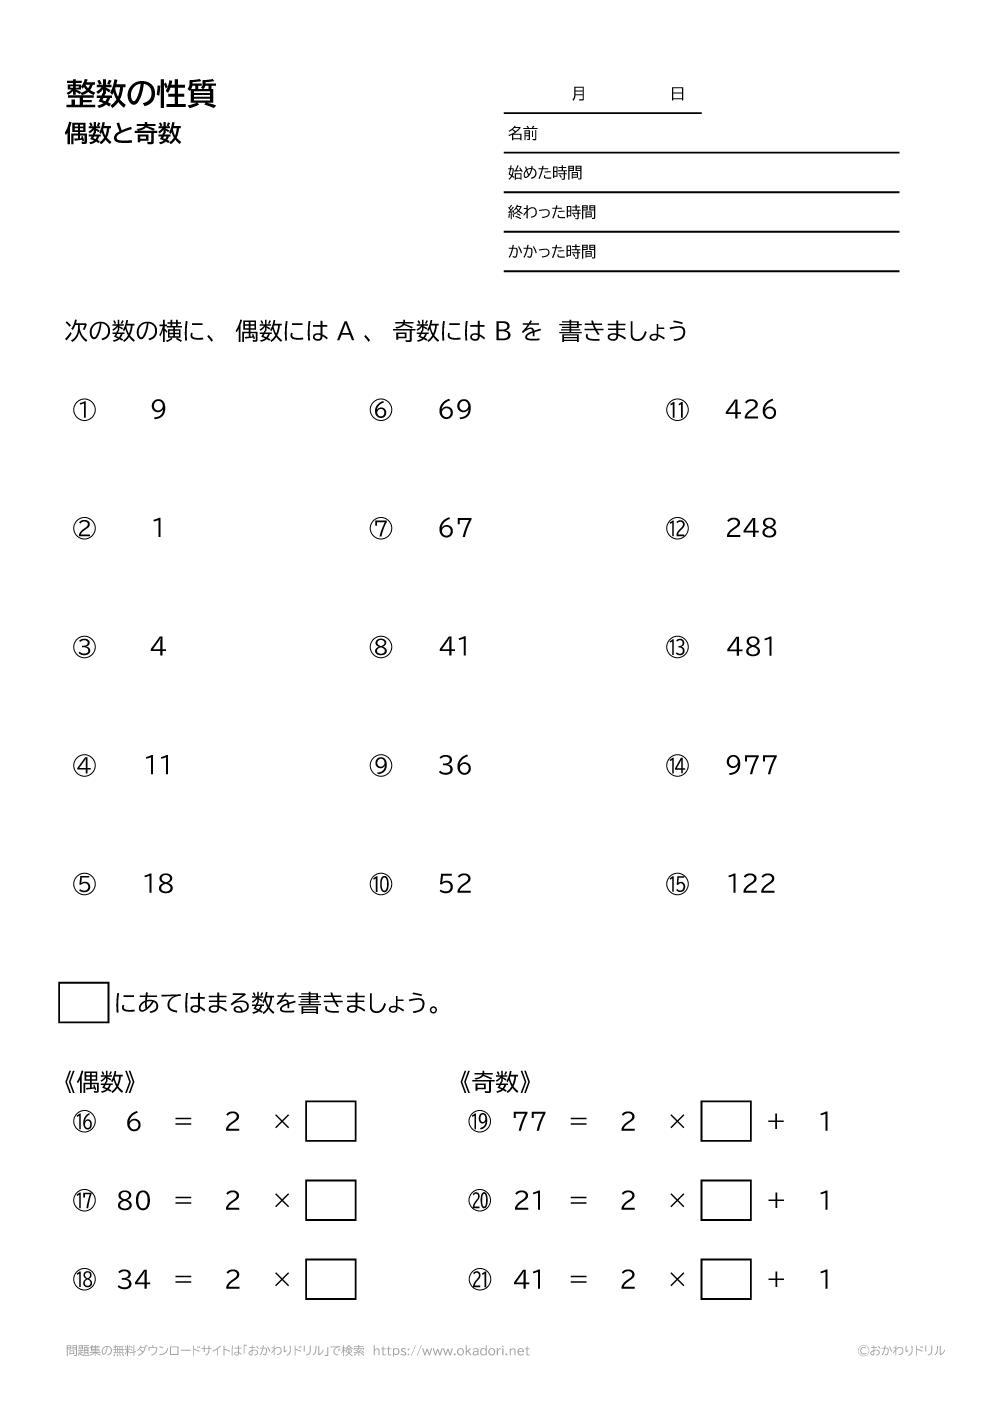 整数の性質-偶数と奇数-4